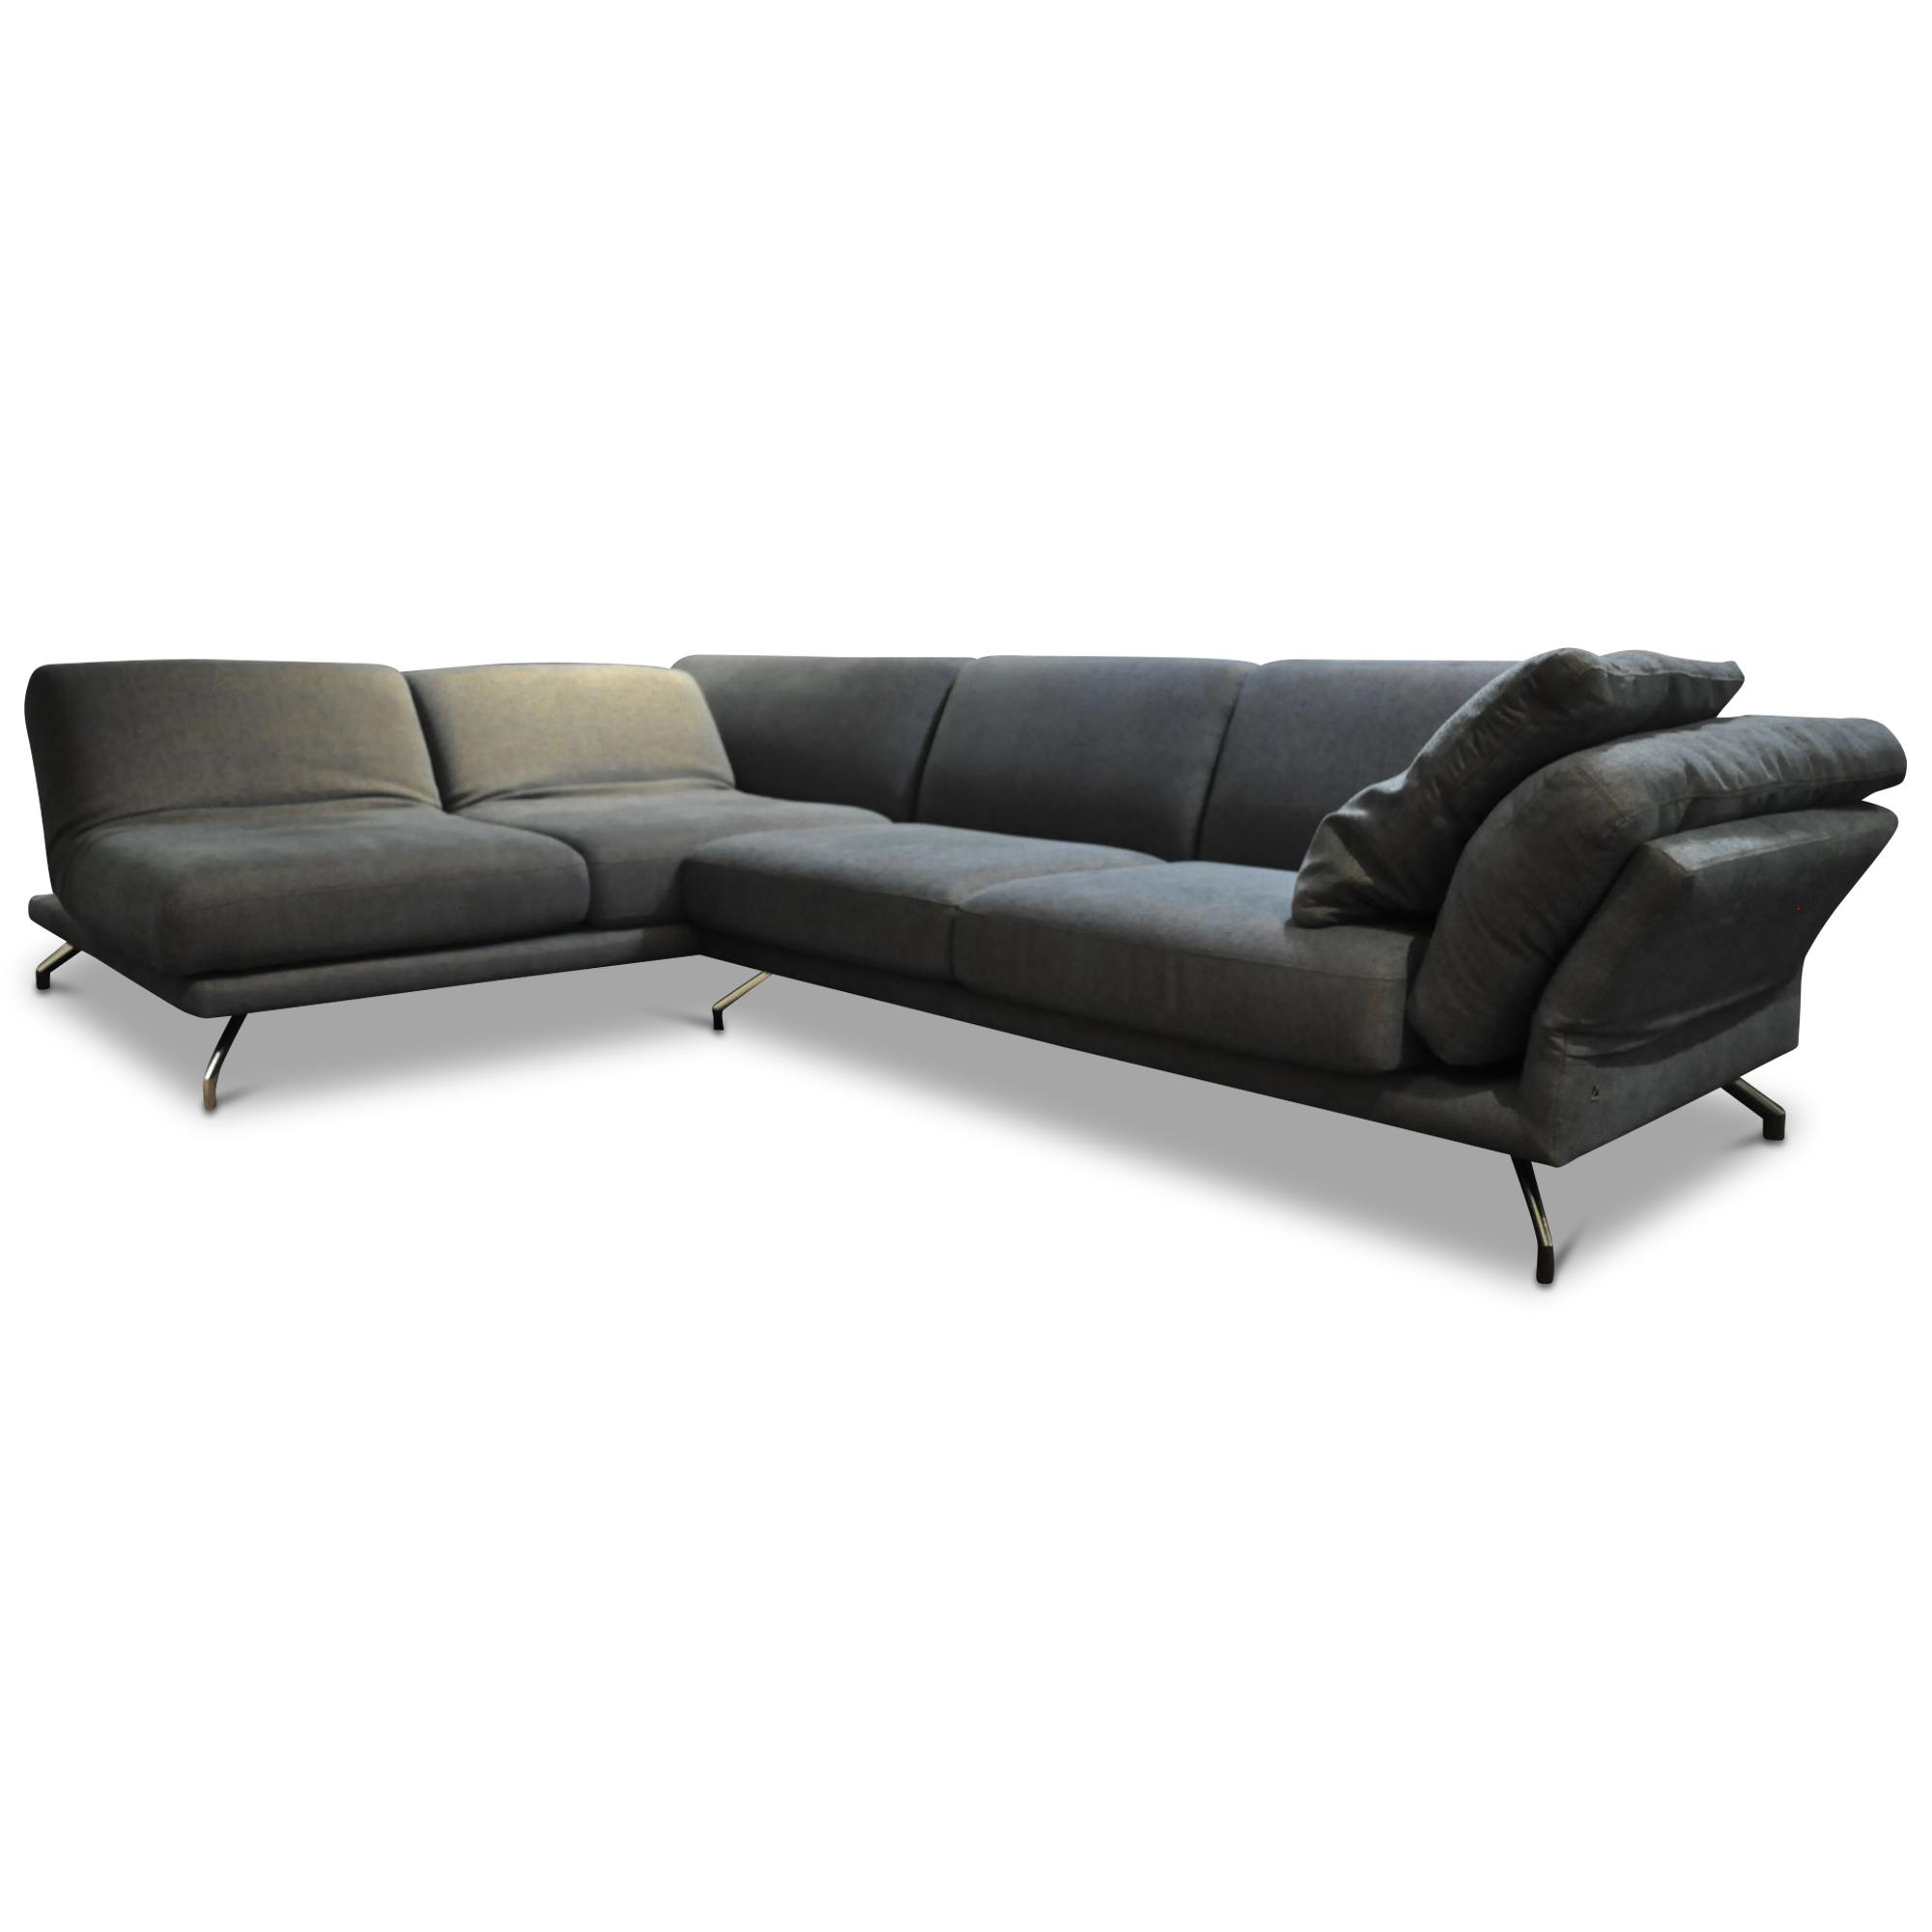 Sofa Mit Liegefunktion – Zuhause Image Idee